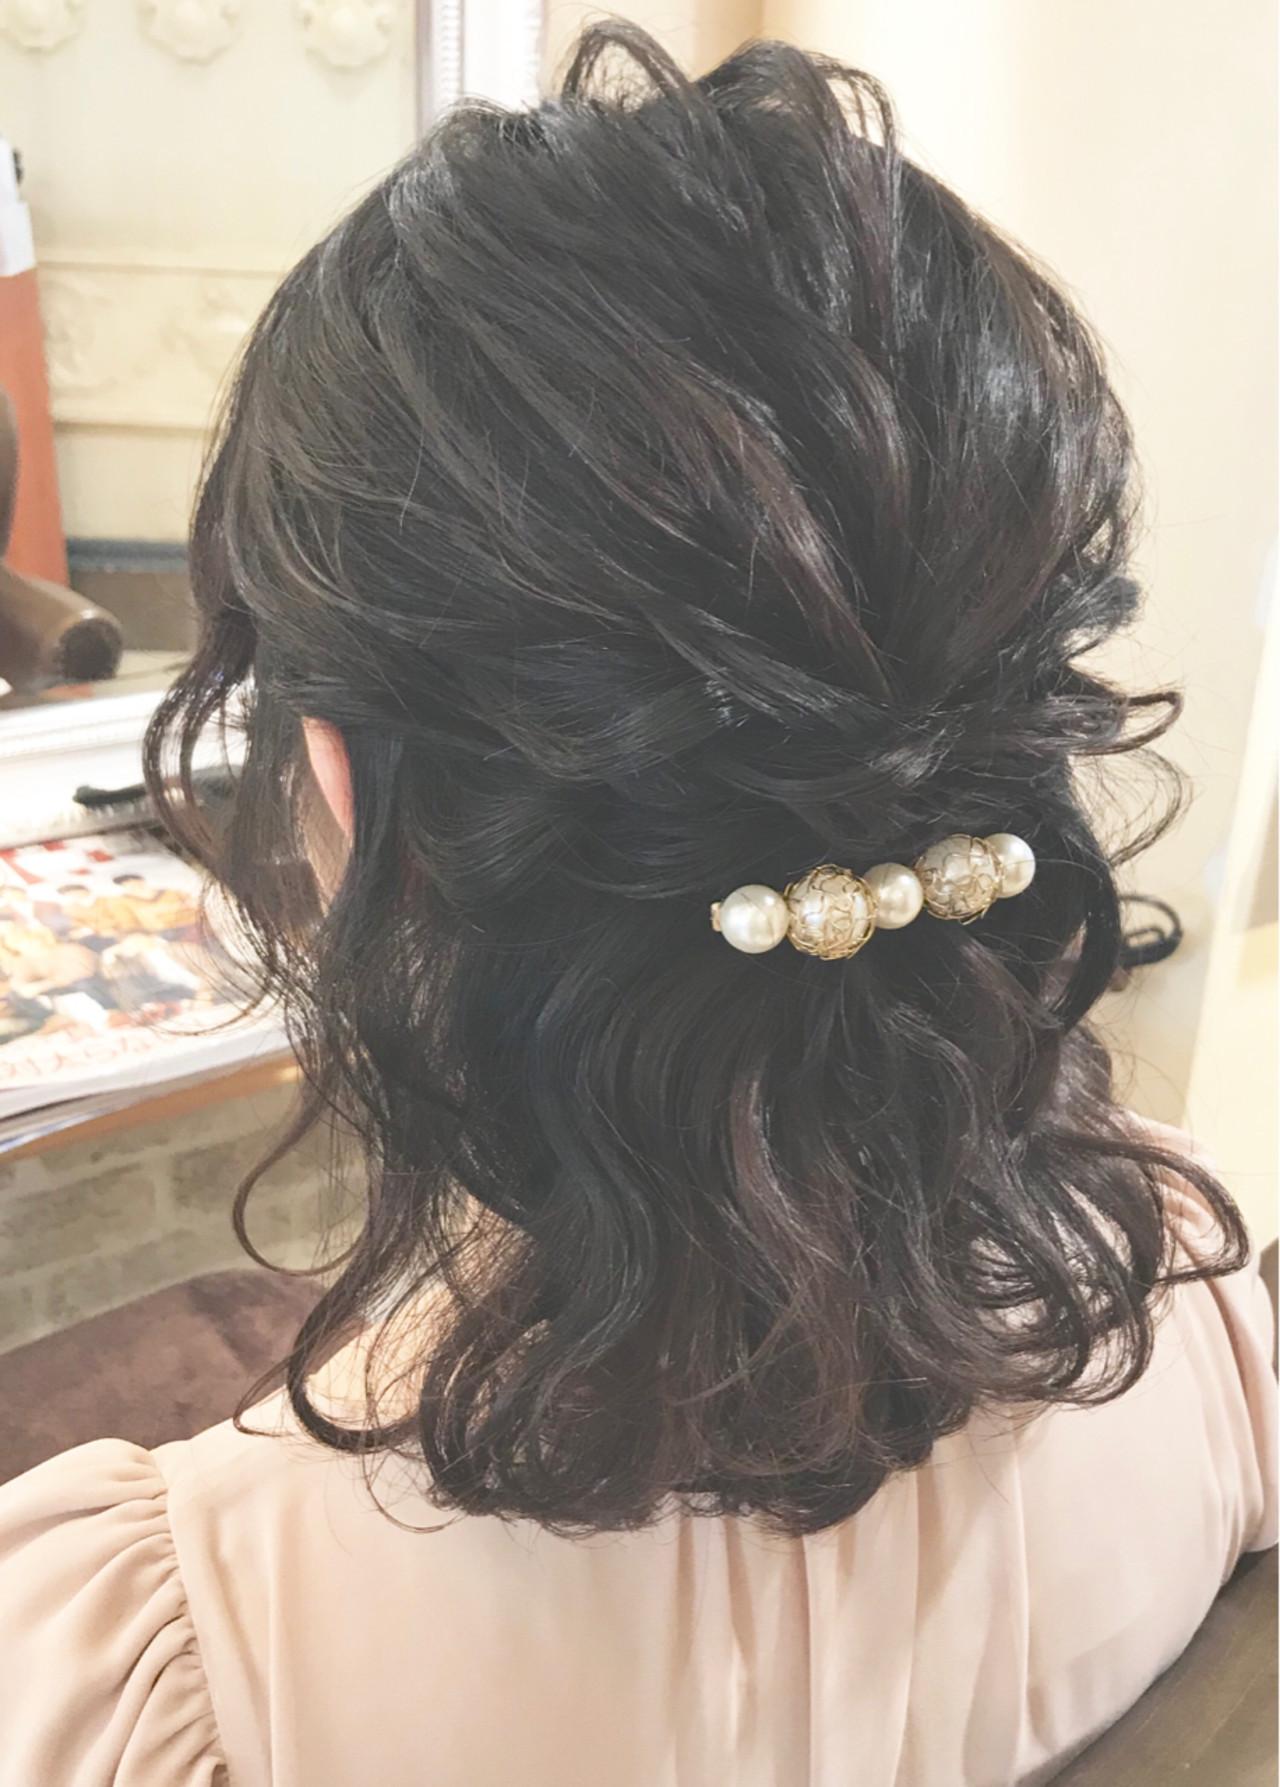 ヘアアレンジ 結婚式 ガーリー 黒髪 ヘアスタイルや髪型の写真・画像